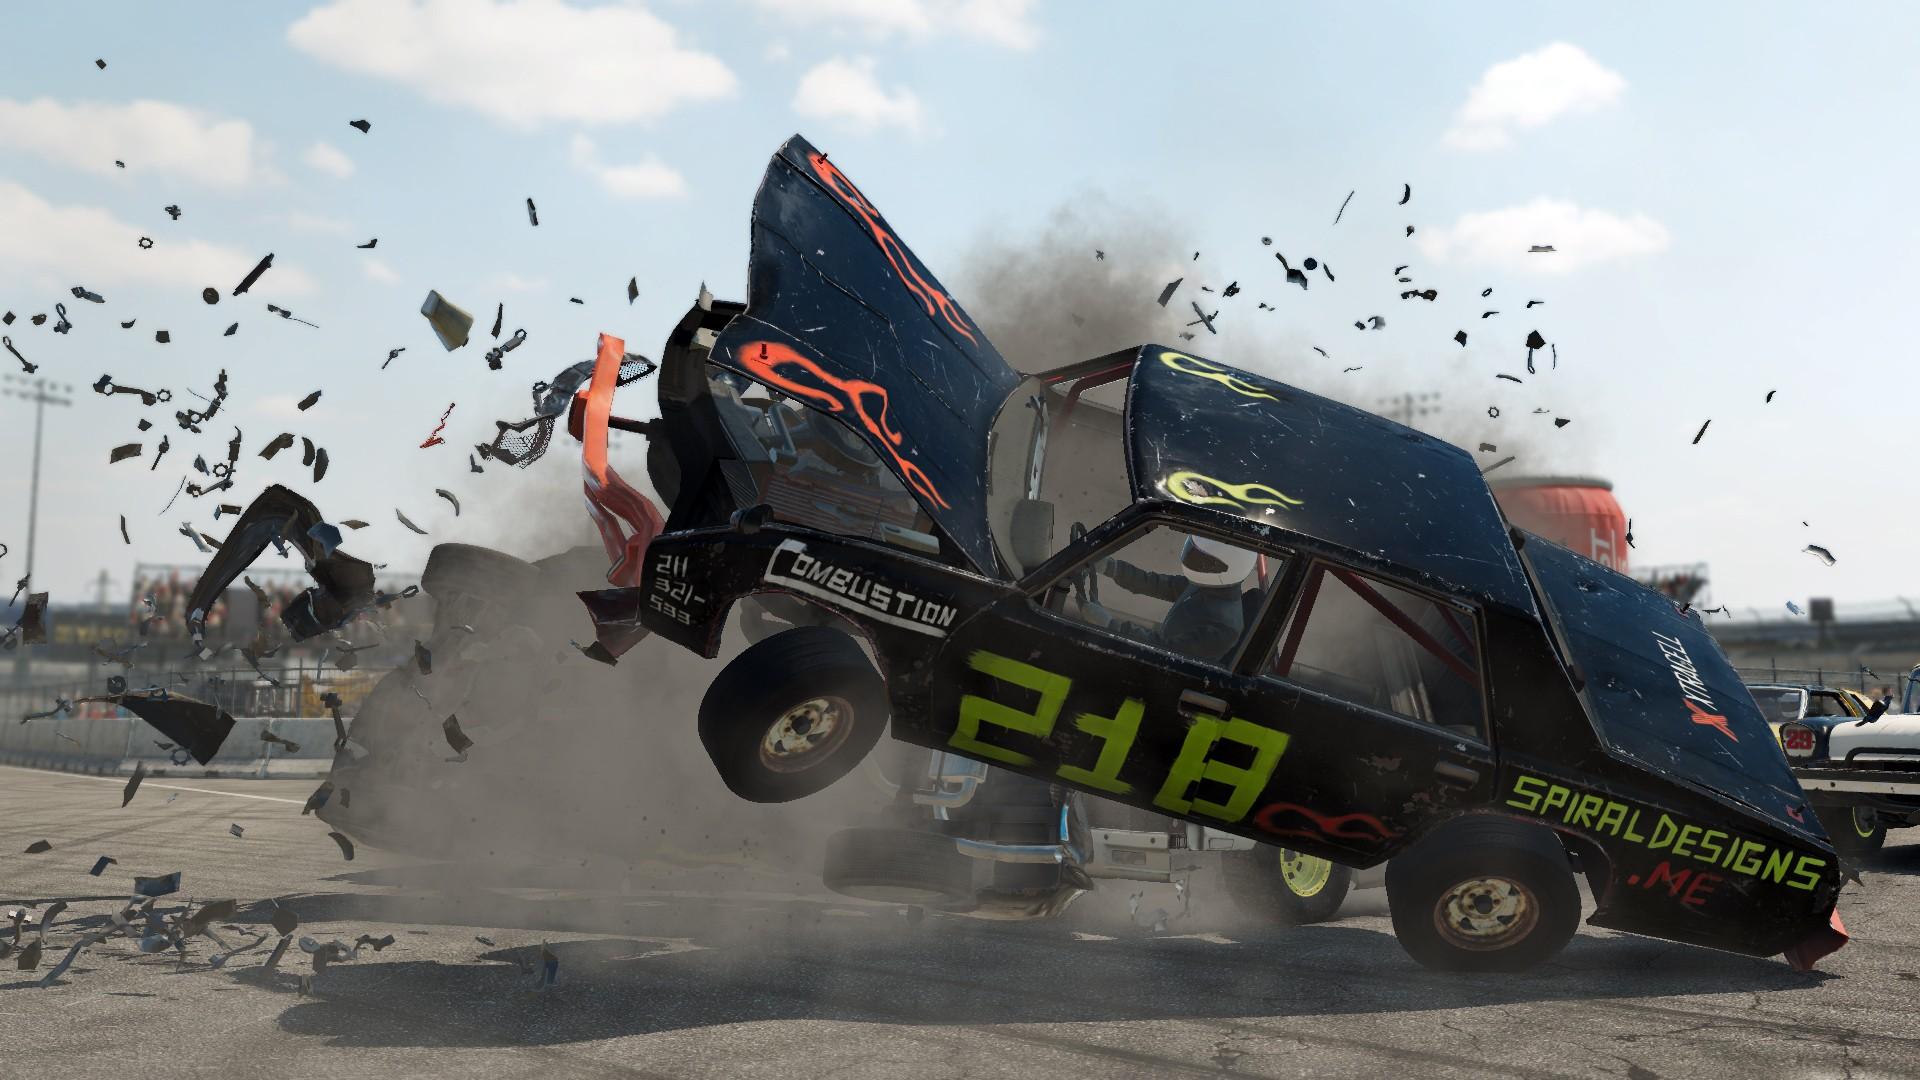 Wreckfest: Drive Hard. Die Last.